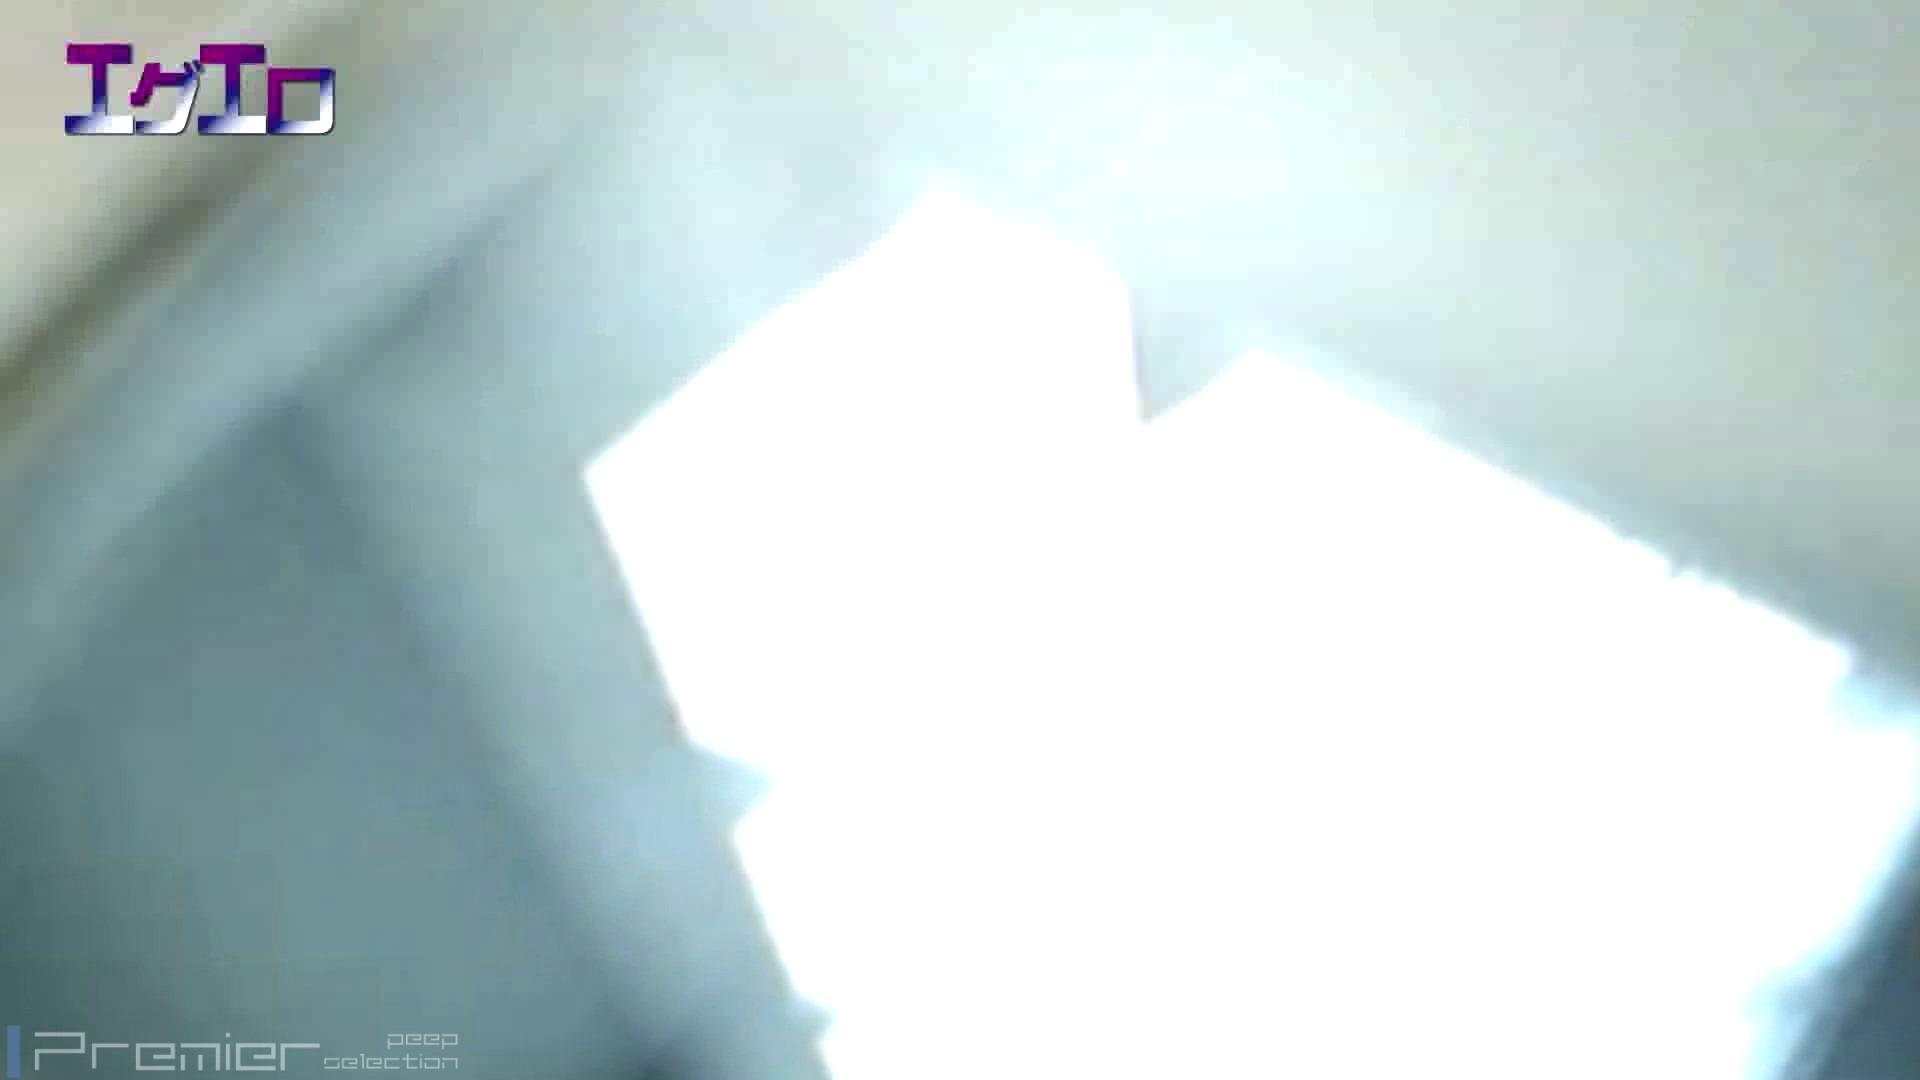 至近距離洗面所 Vol.09夏ギャルキタ~和式トイレ放nyoショー トイレの実態  80PIX 70